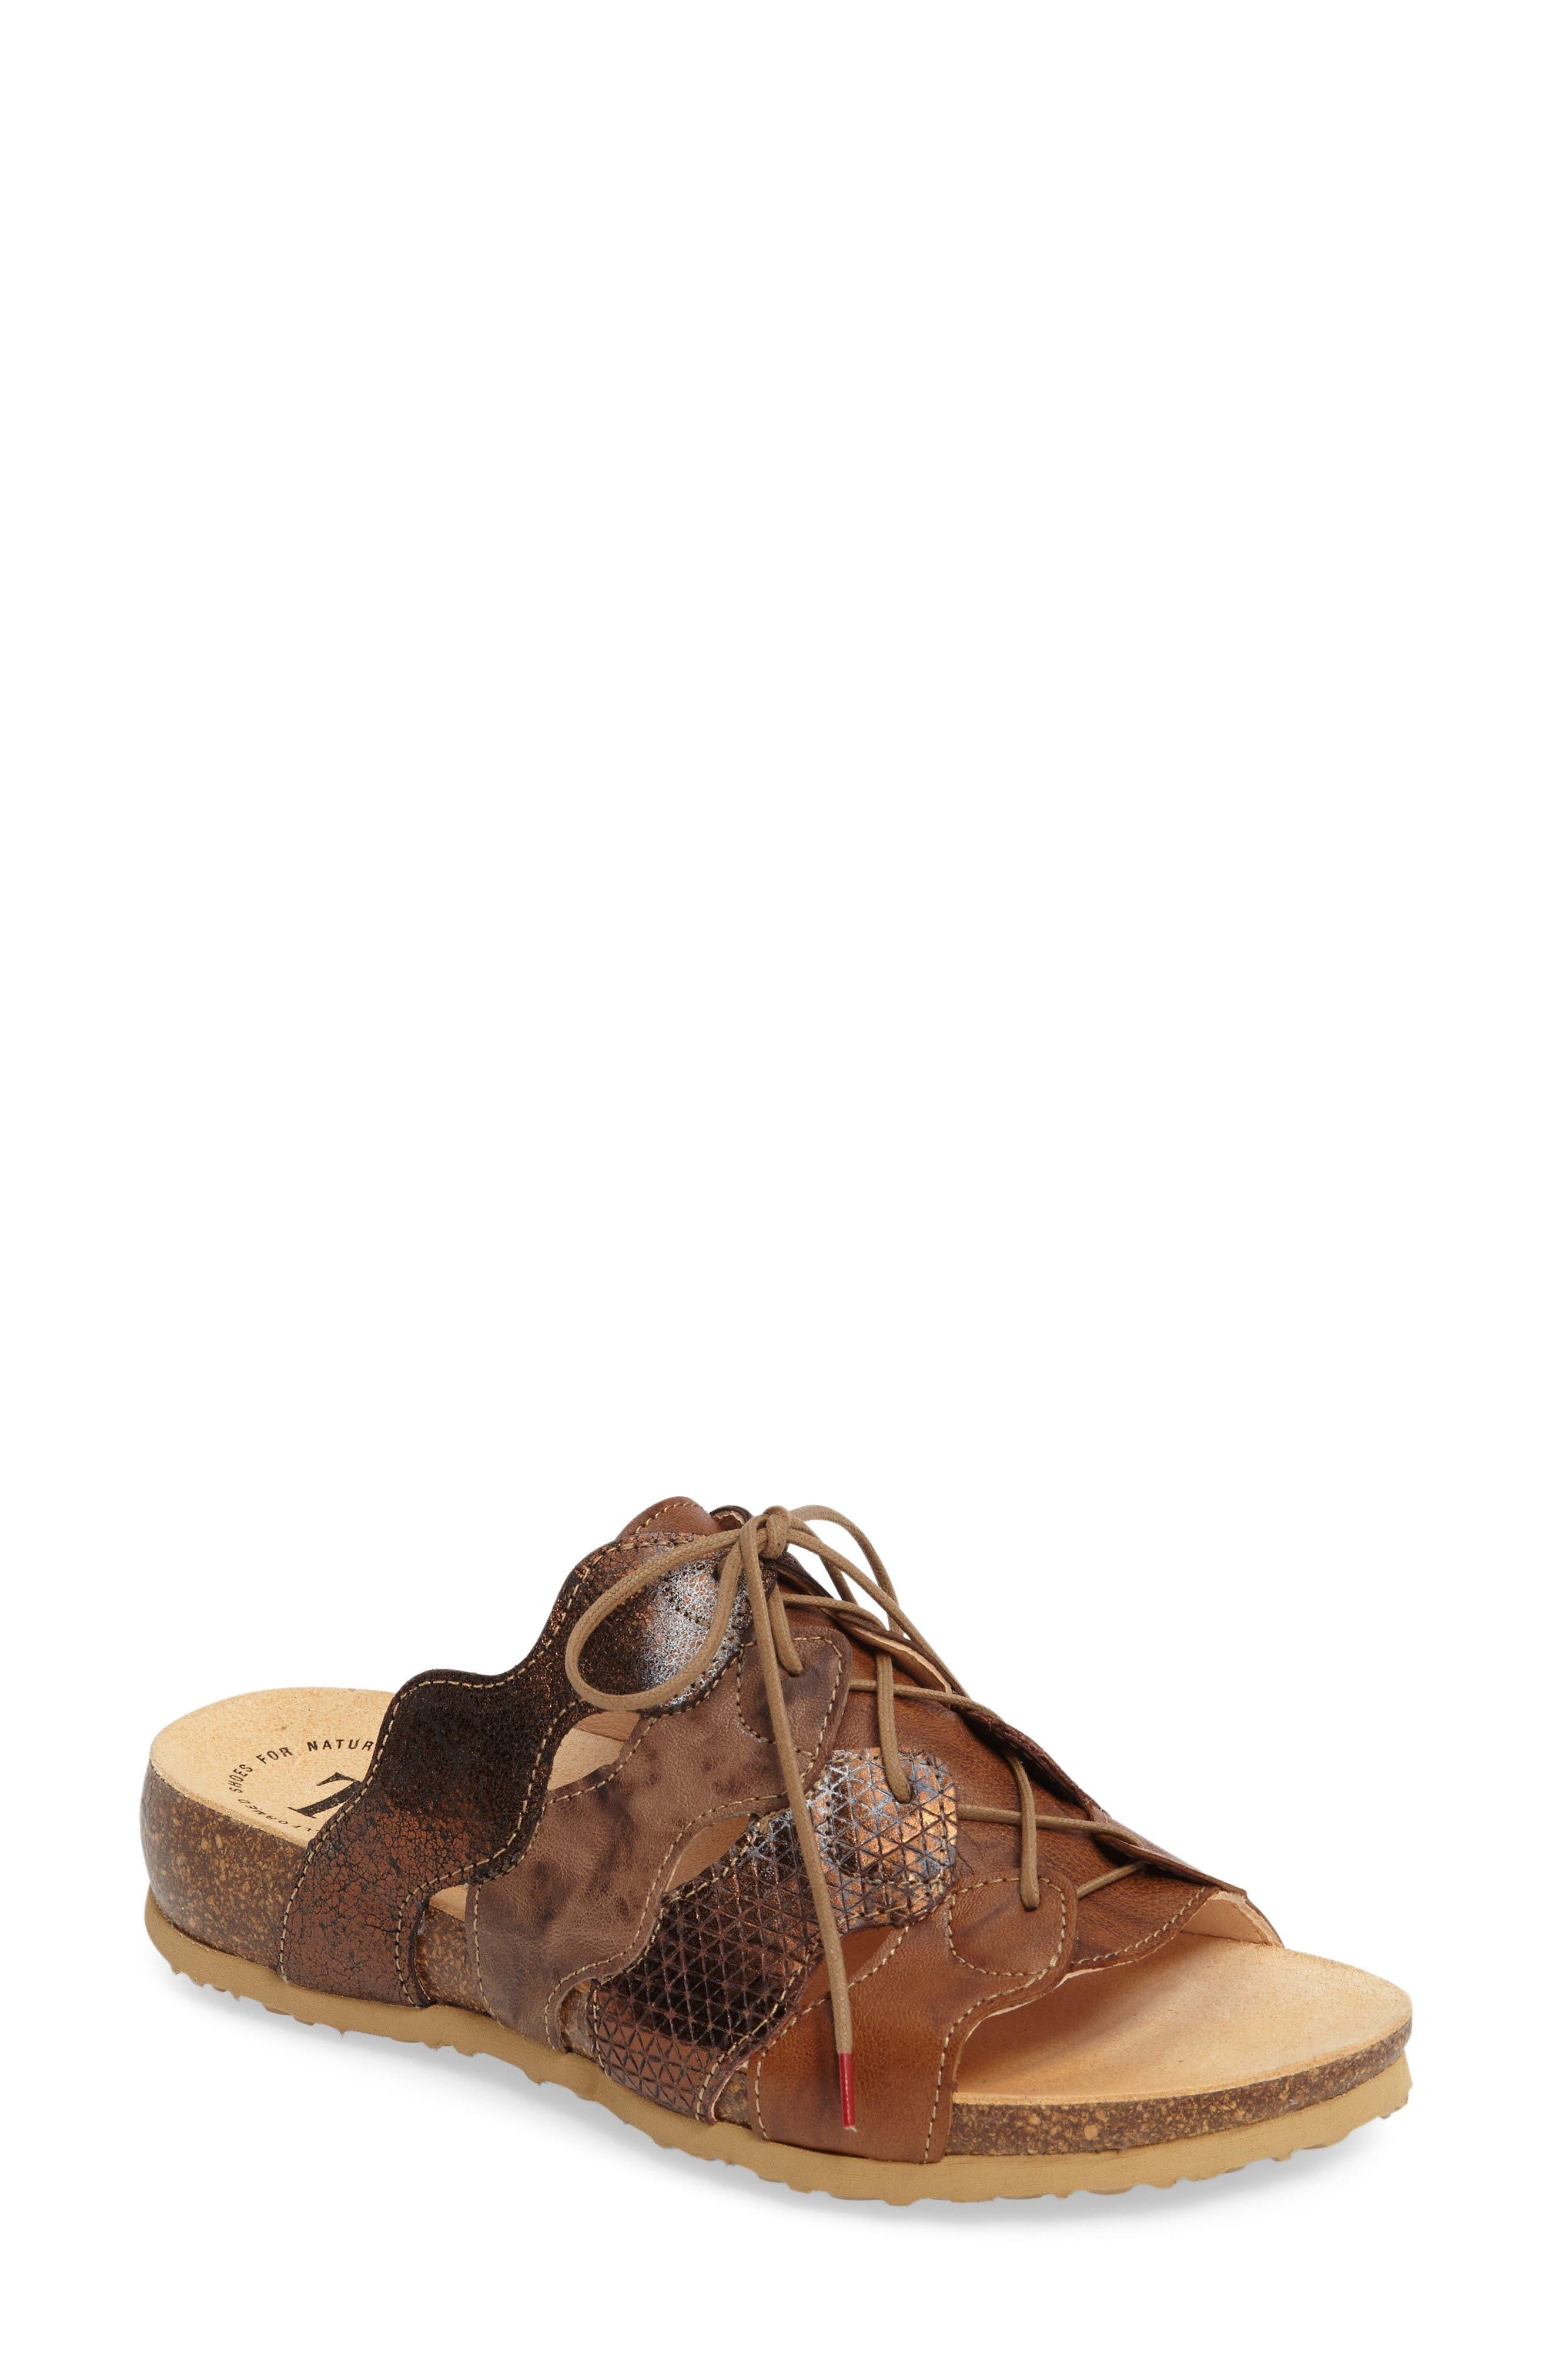 Julia Sandal,                             Main thumbnail 1, color,                             Lion Brown Leather